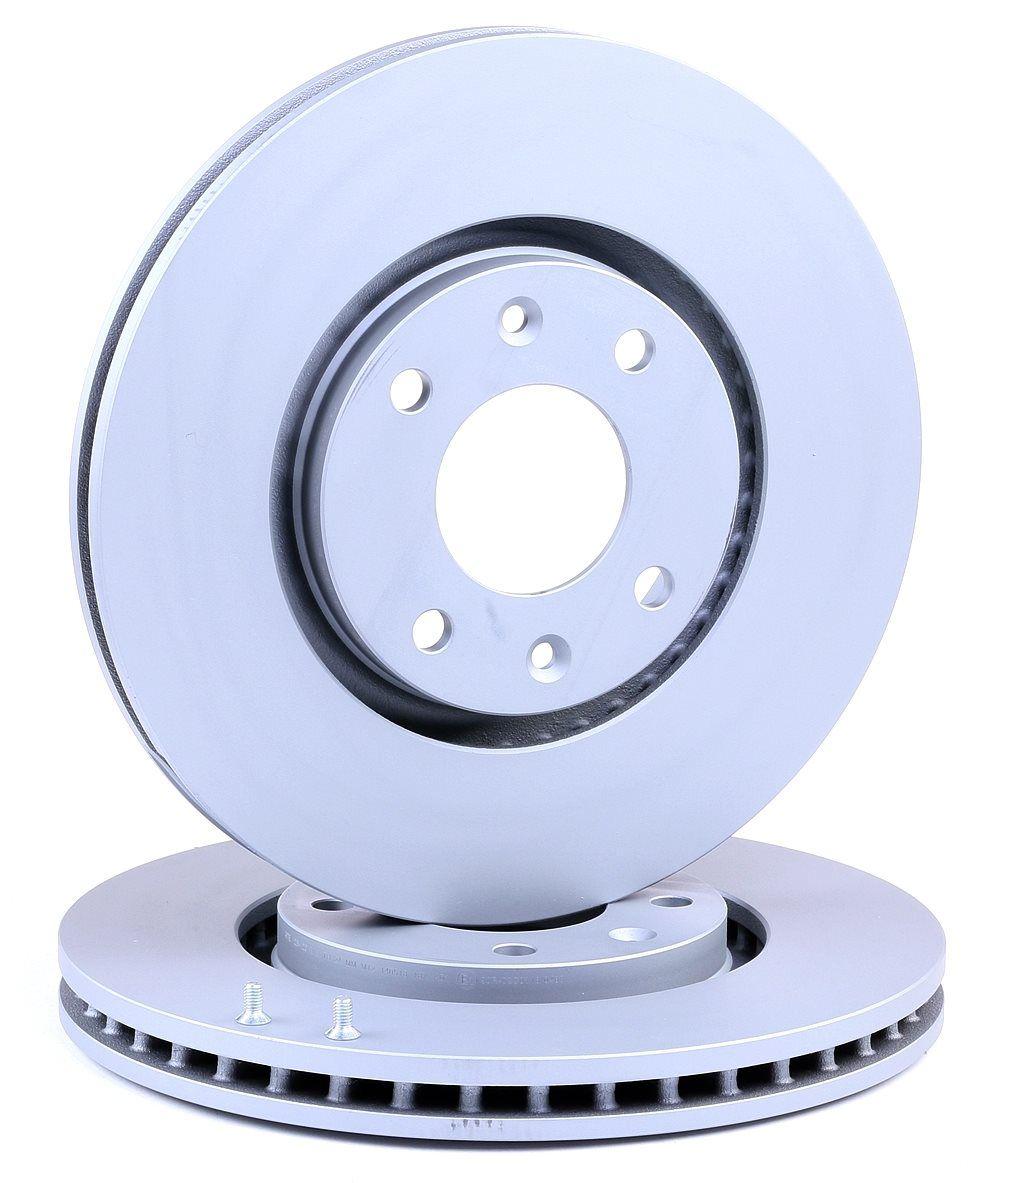 ATE: Original Bremsscheibe 24.0126-0120.1 (Ø: 283,0mm, Lochanzahl: 4, Bremsscheibendicke: 26,0mm)